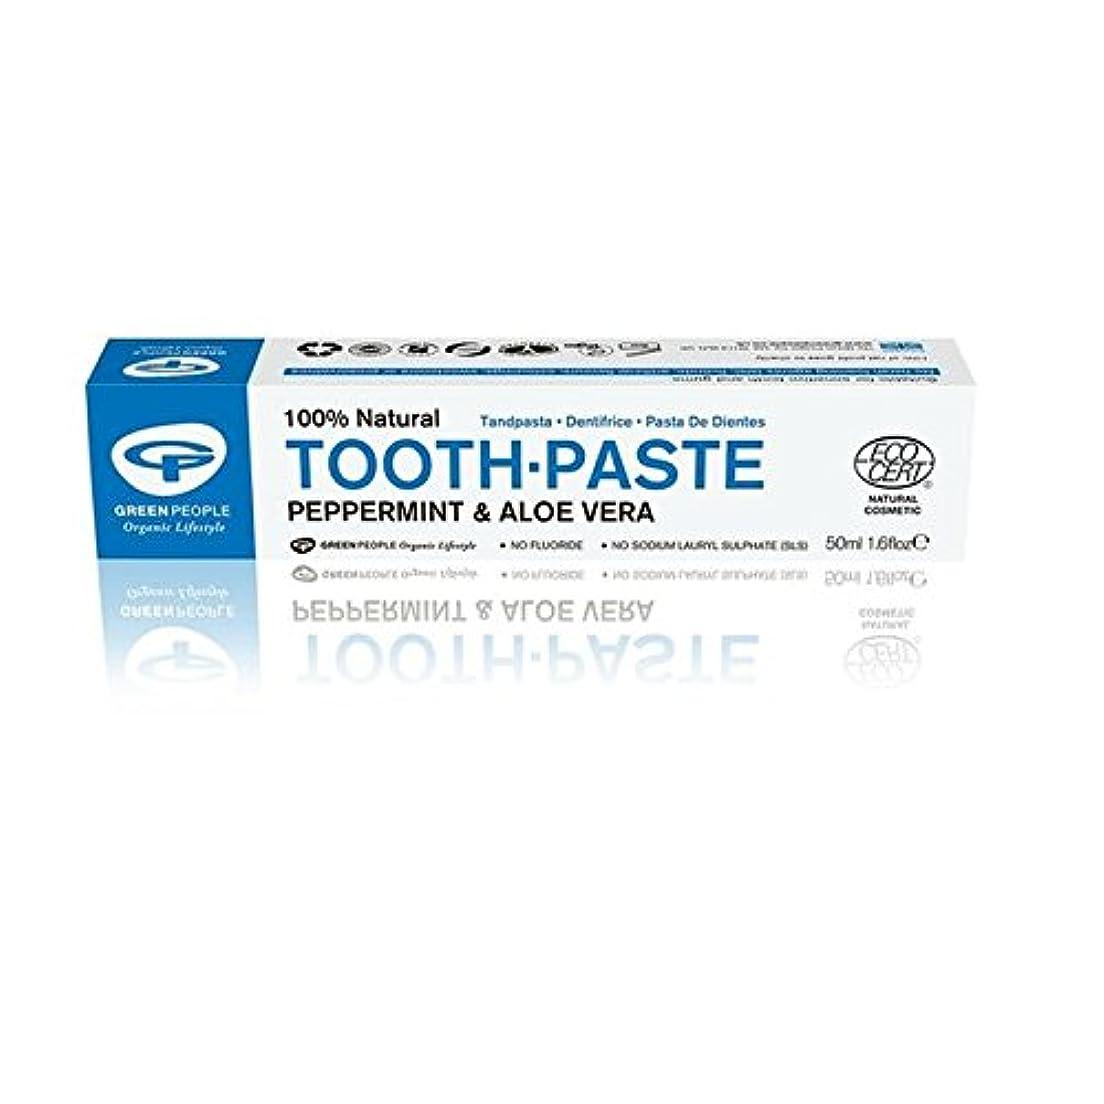 かわいらしい派生する配管工Green People Natural Mint Toothpaste 50ml - 緑の人々の自然ミント歯磨き粉50ミリリットル [並行輸入品]